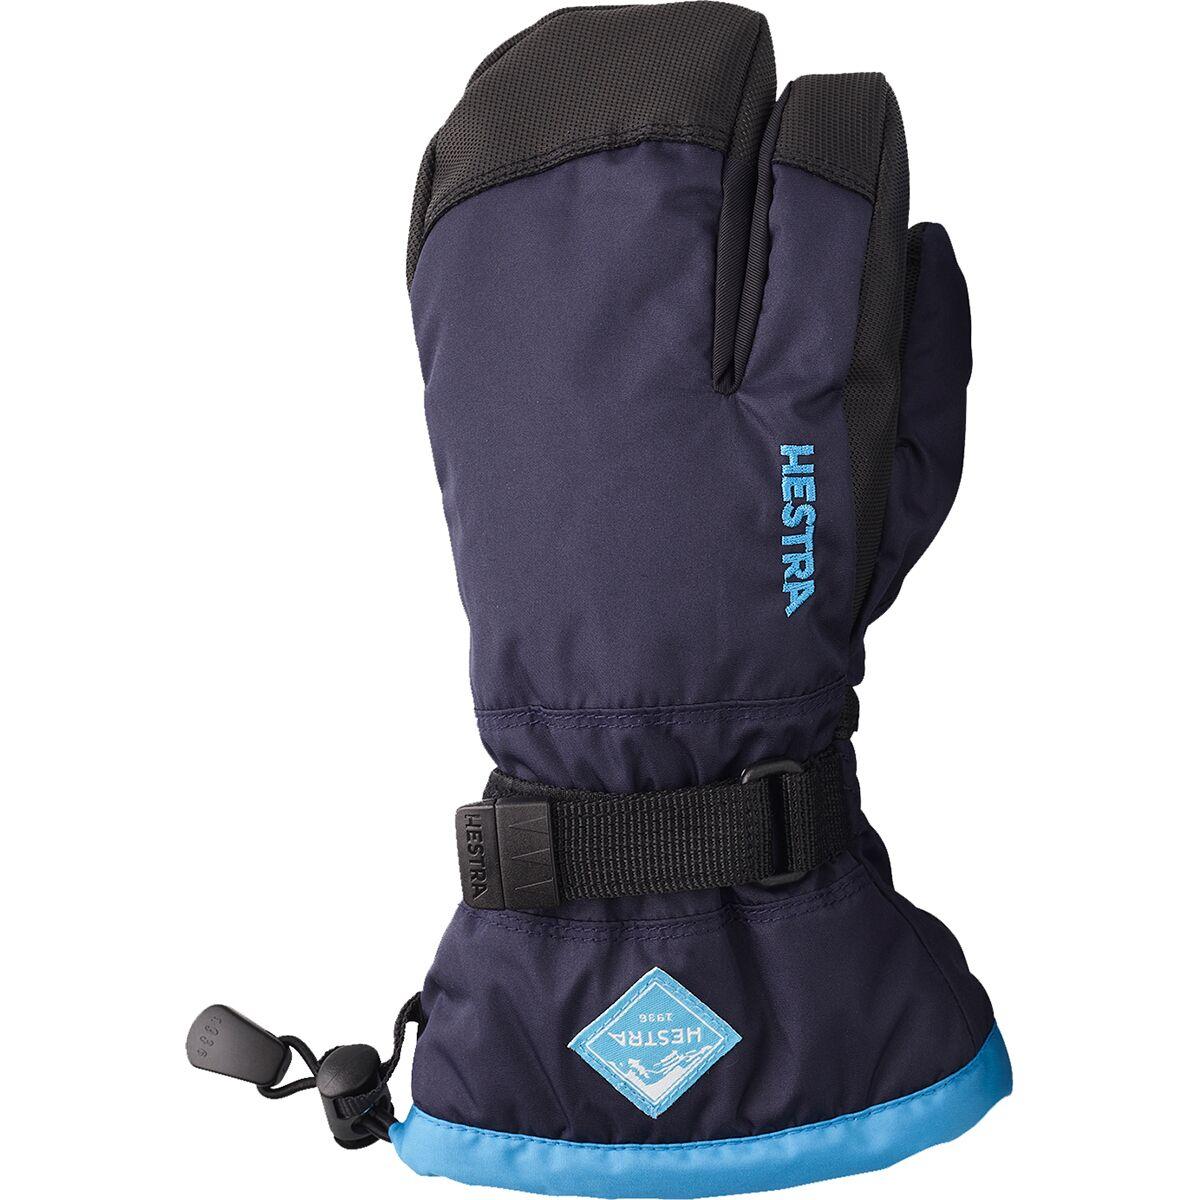 Gauntlet CZone Junior 3-Finger Glove - Kids